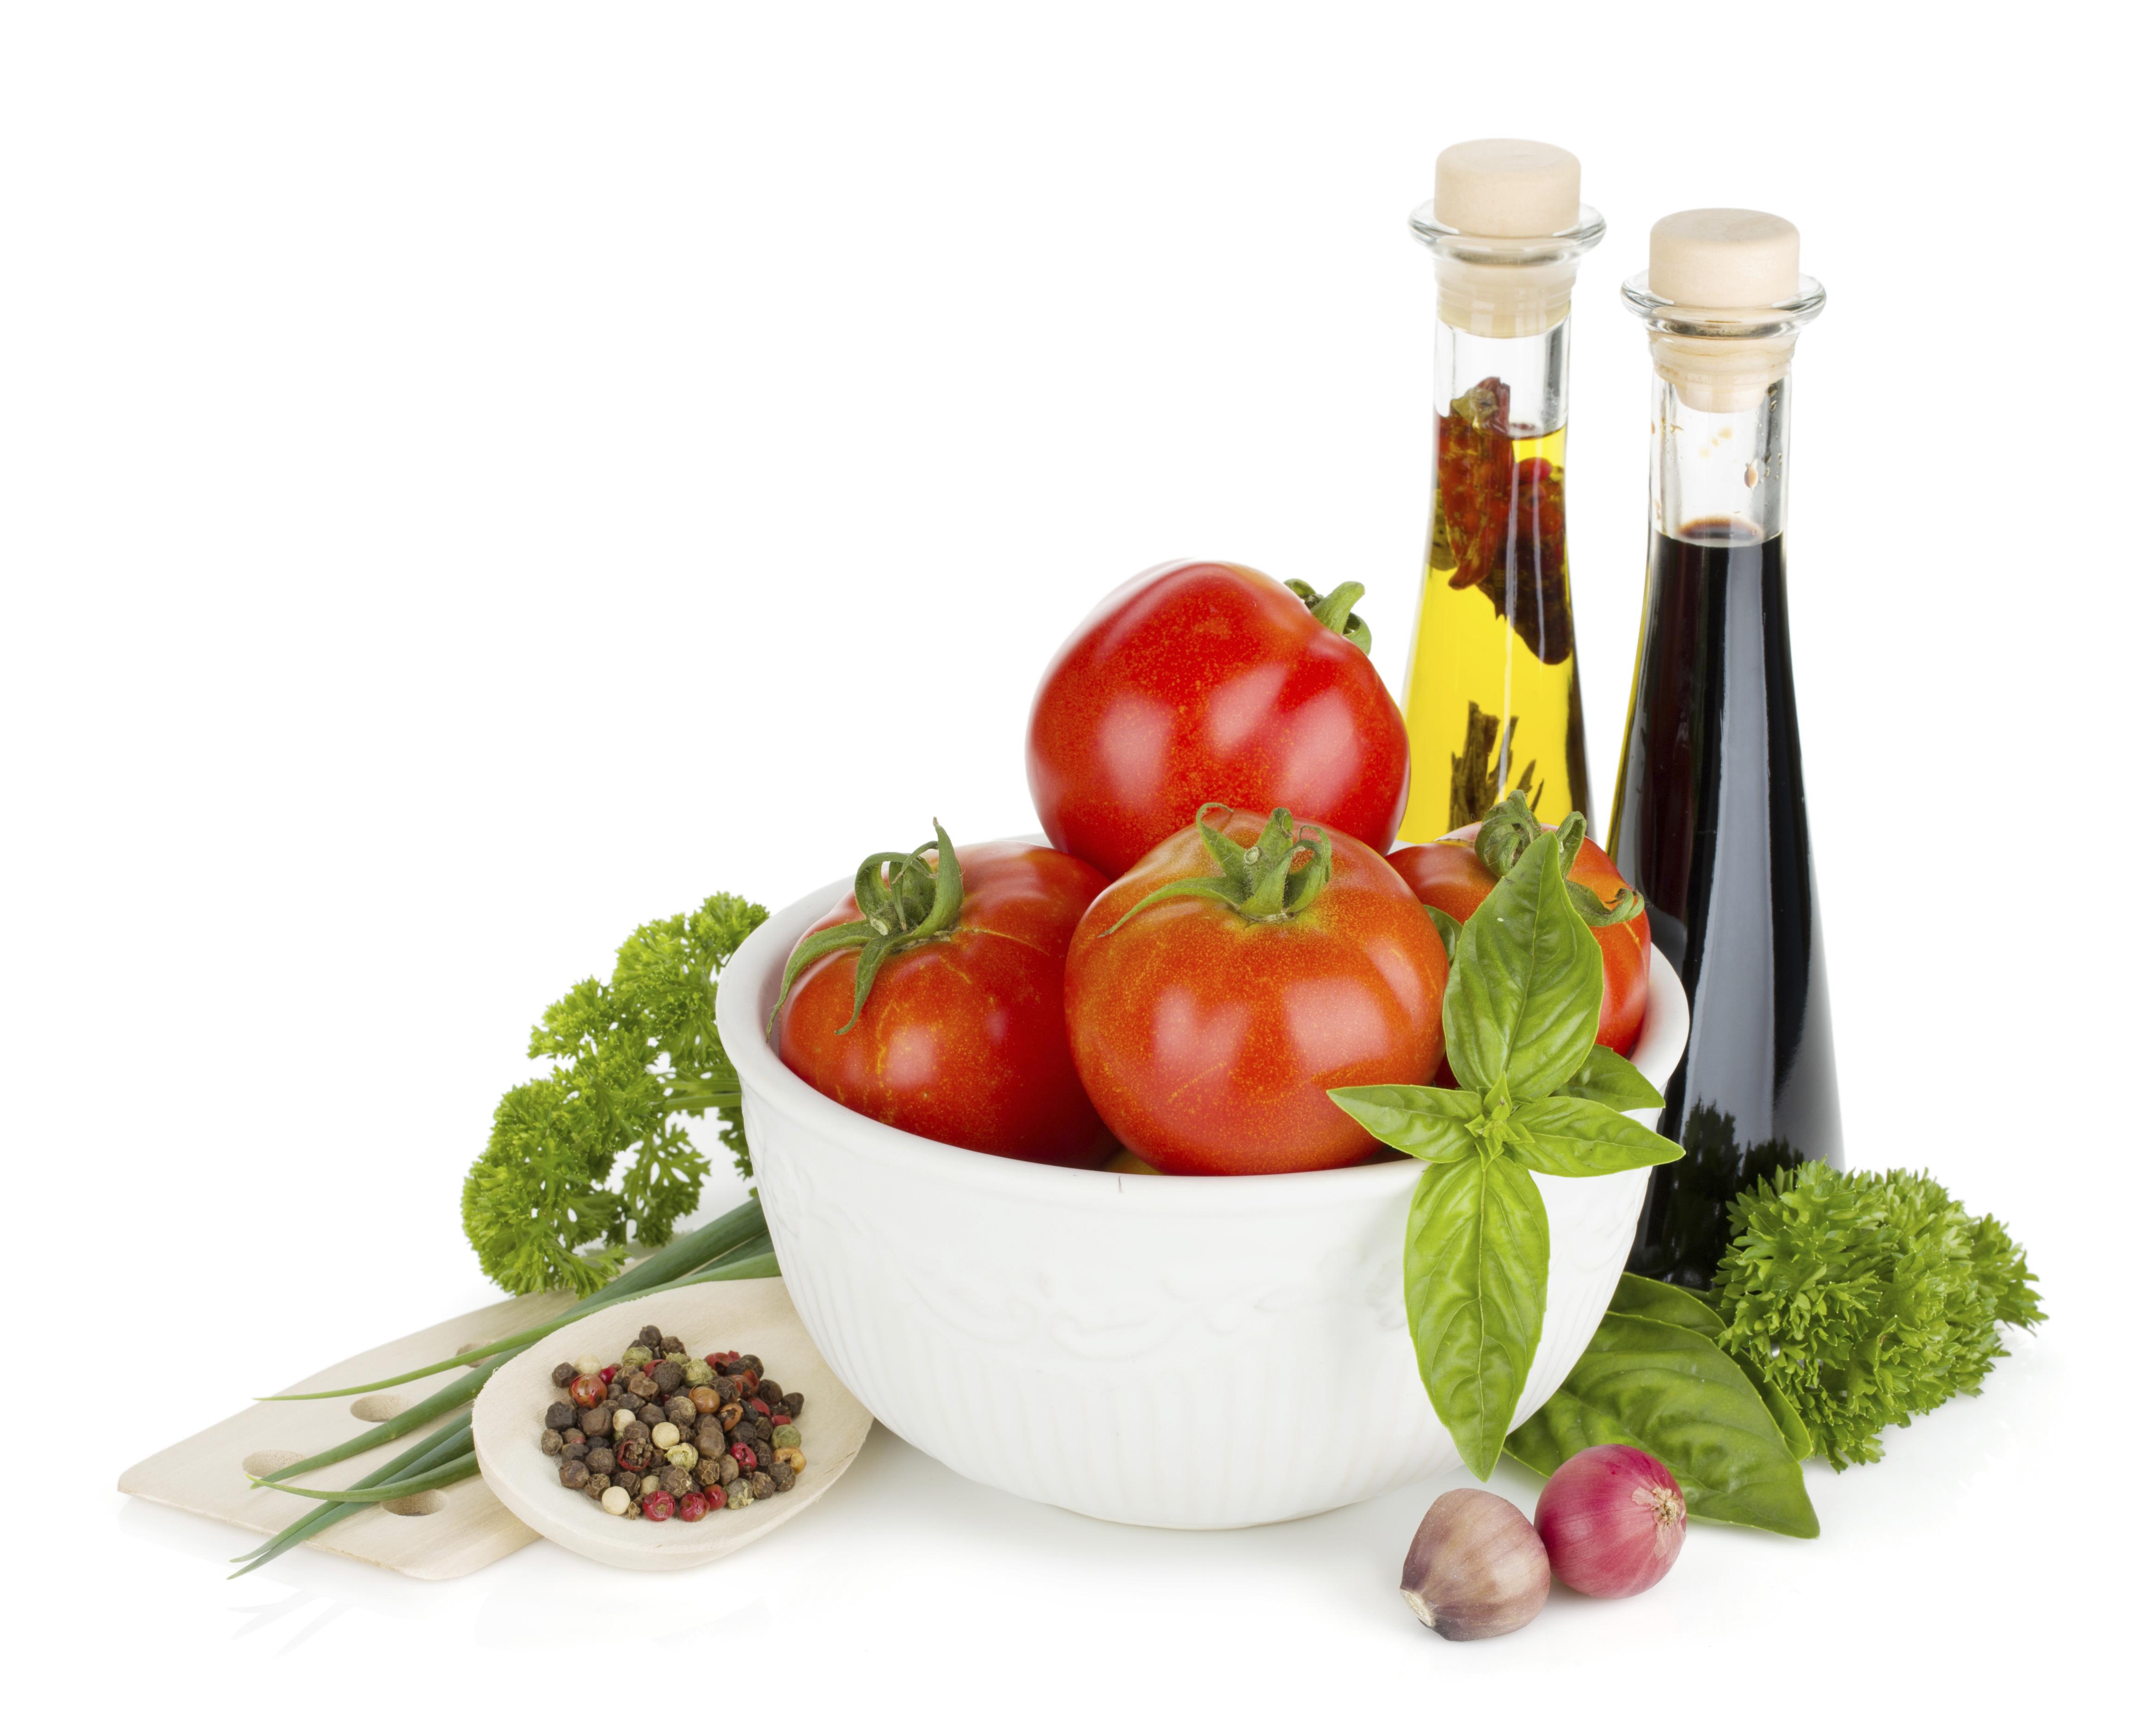 dieta india alta en ácido úrico para la diabetes